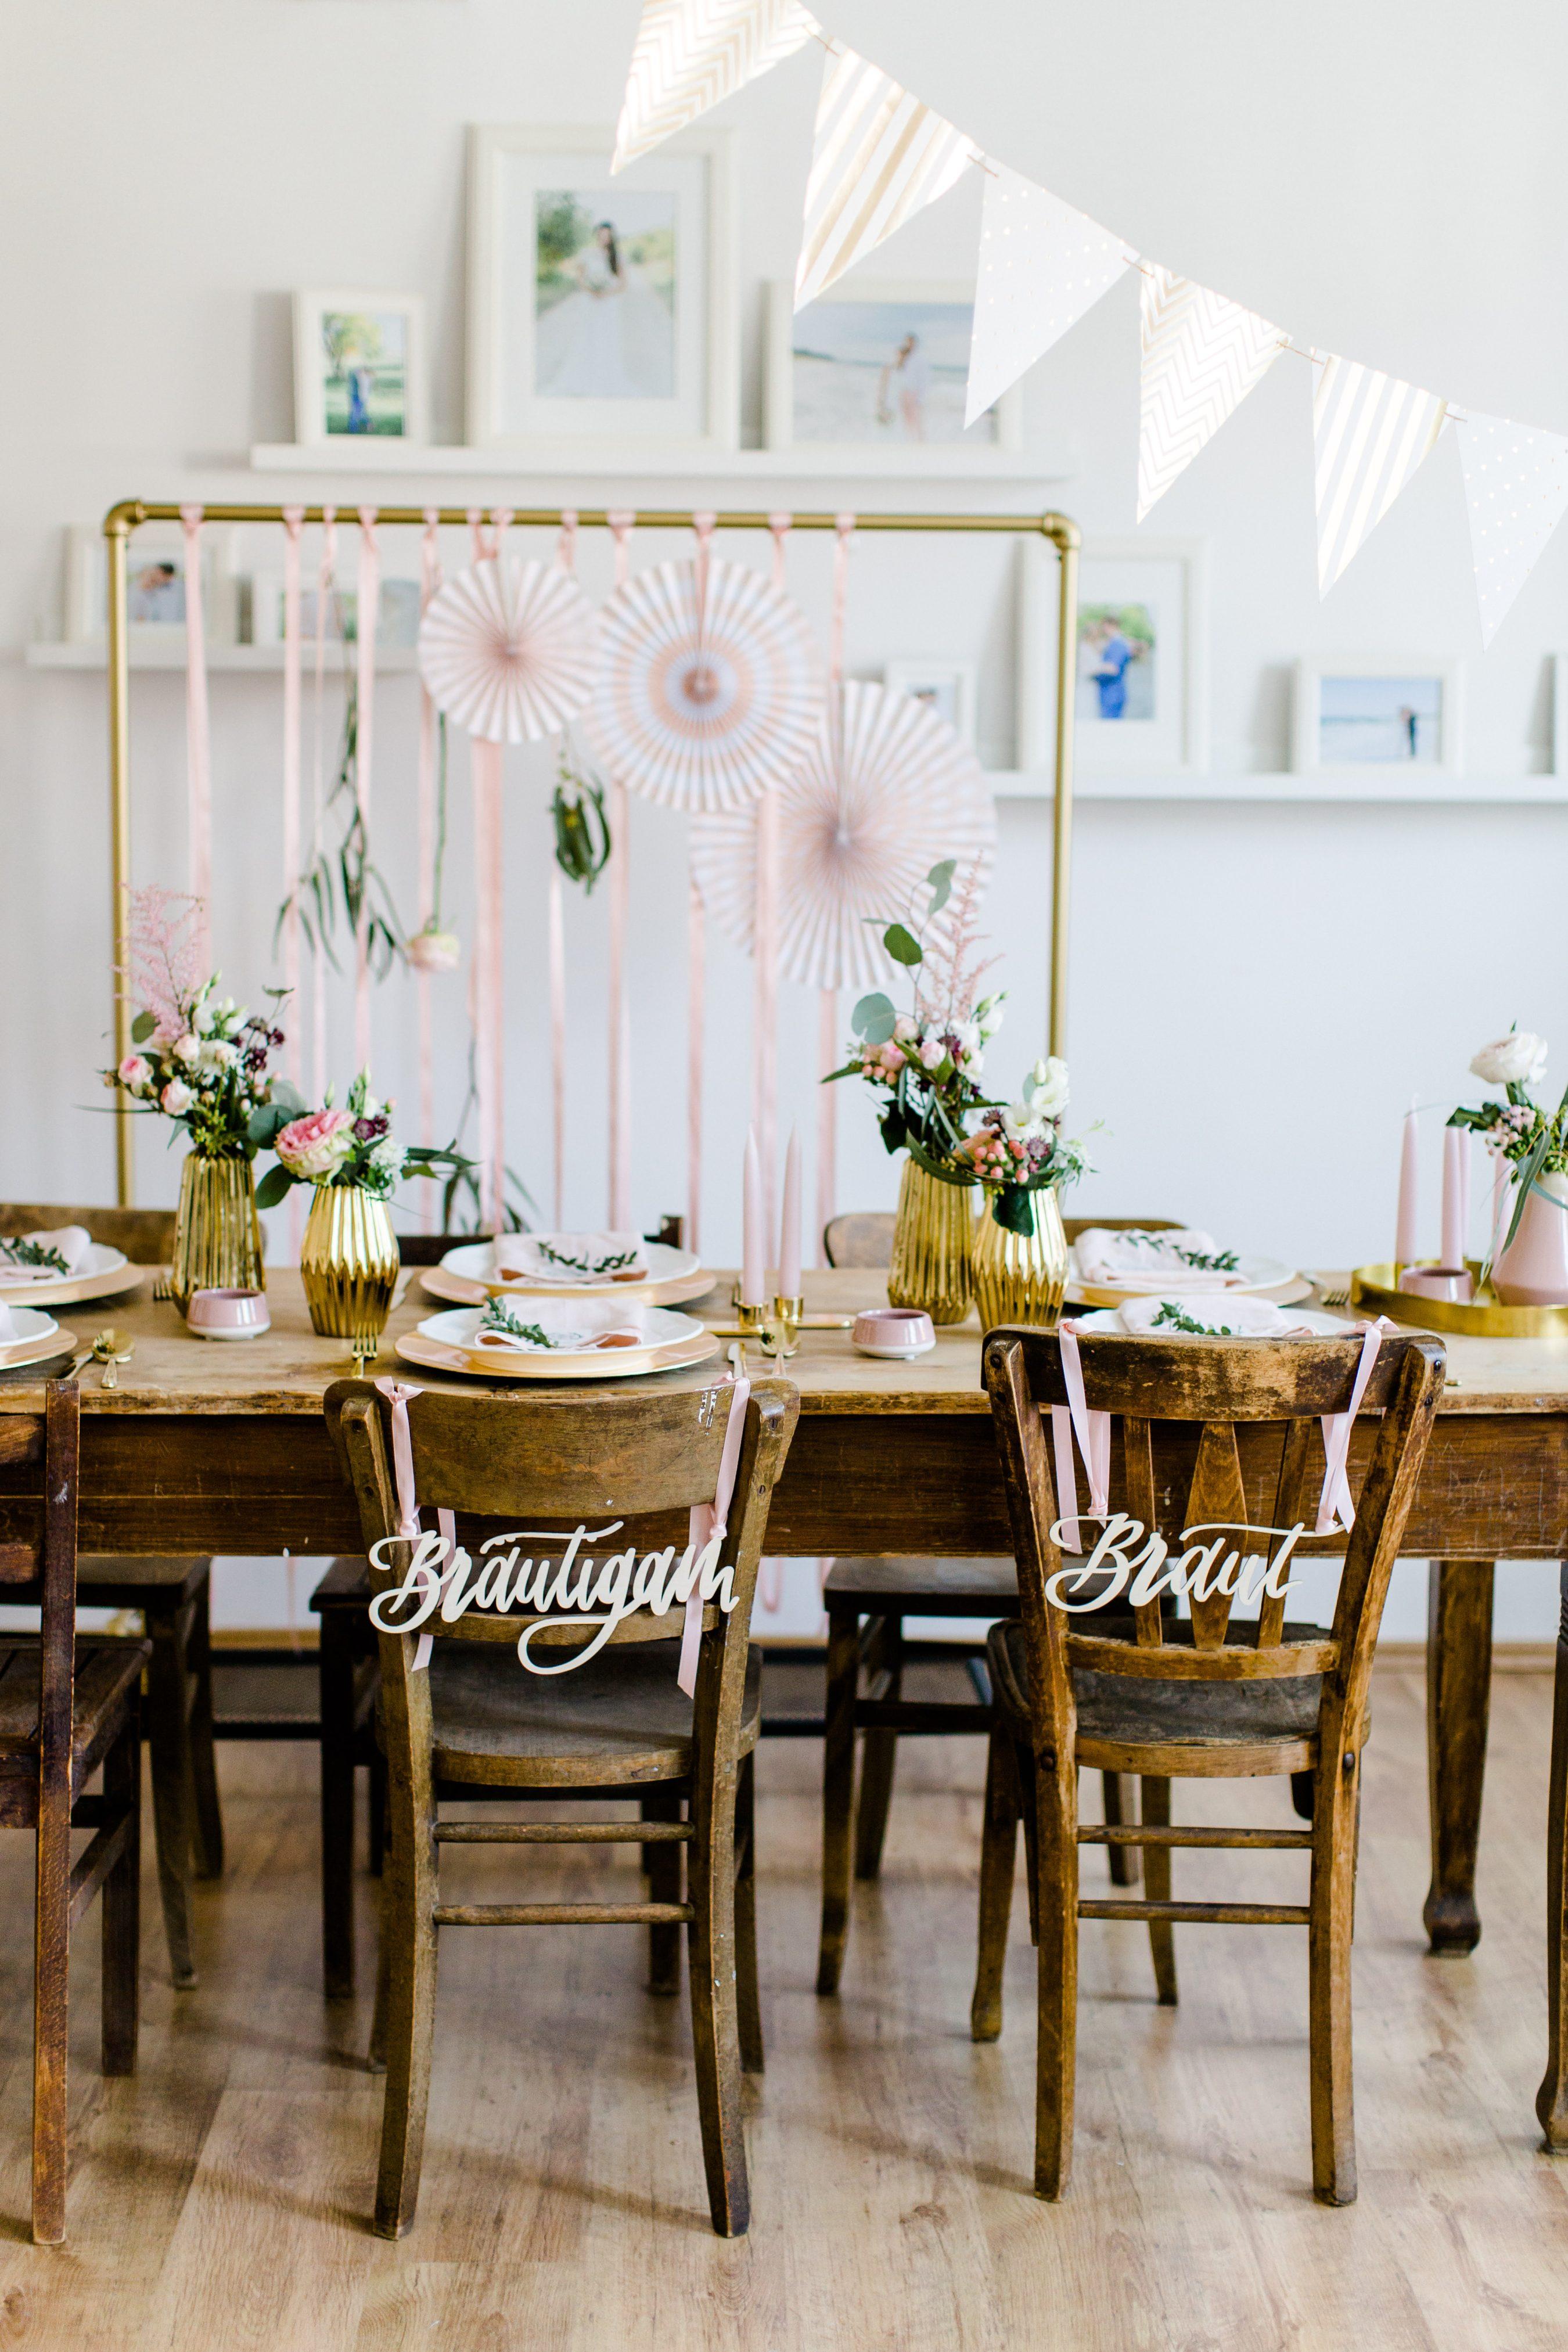 Stuhlschild Hochzeit, Stuhlschild BRaut Bräutigam, Schild Braut Bräutigam, Schild Hochzeit